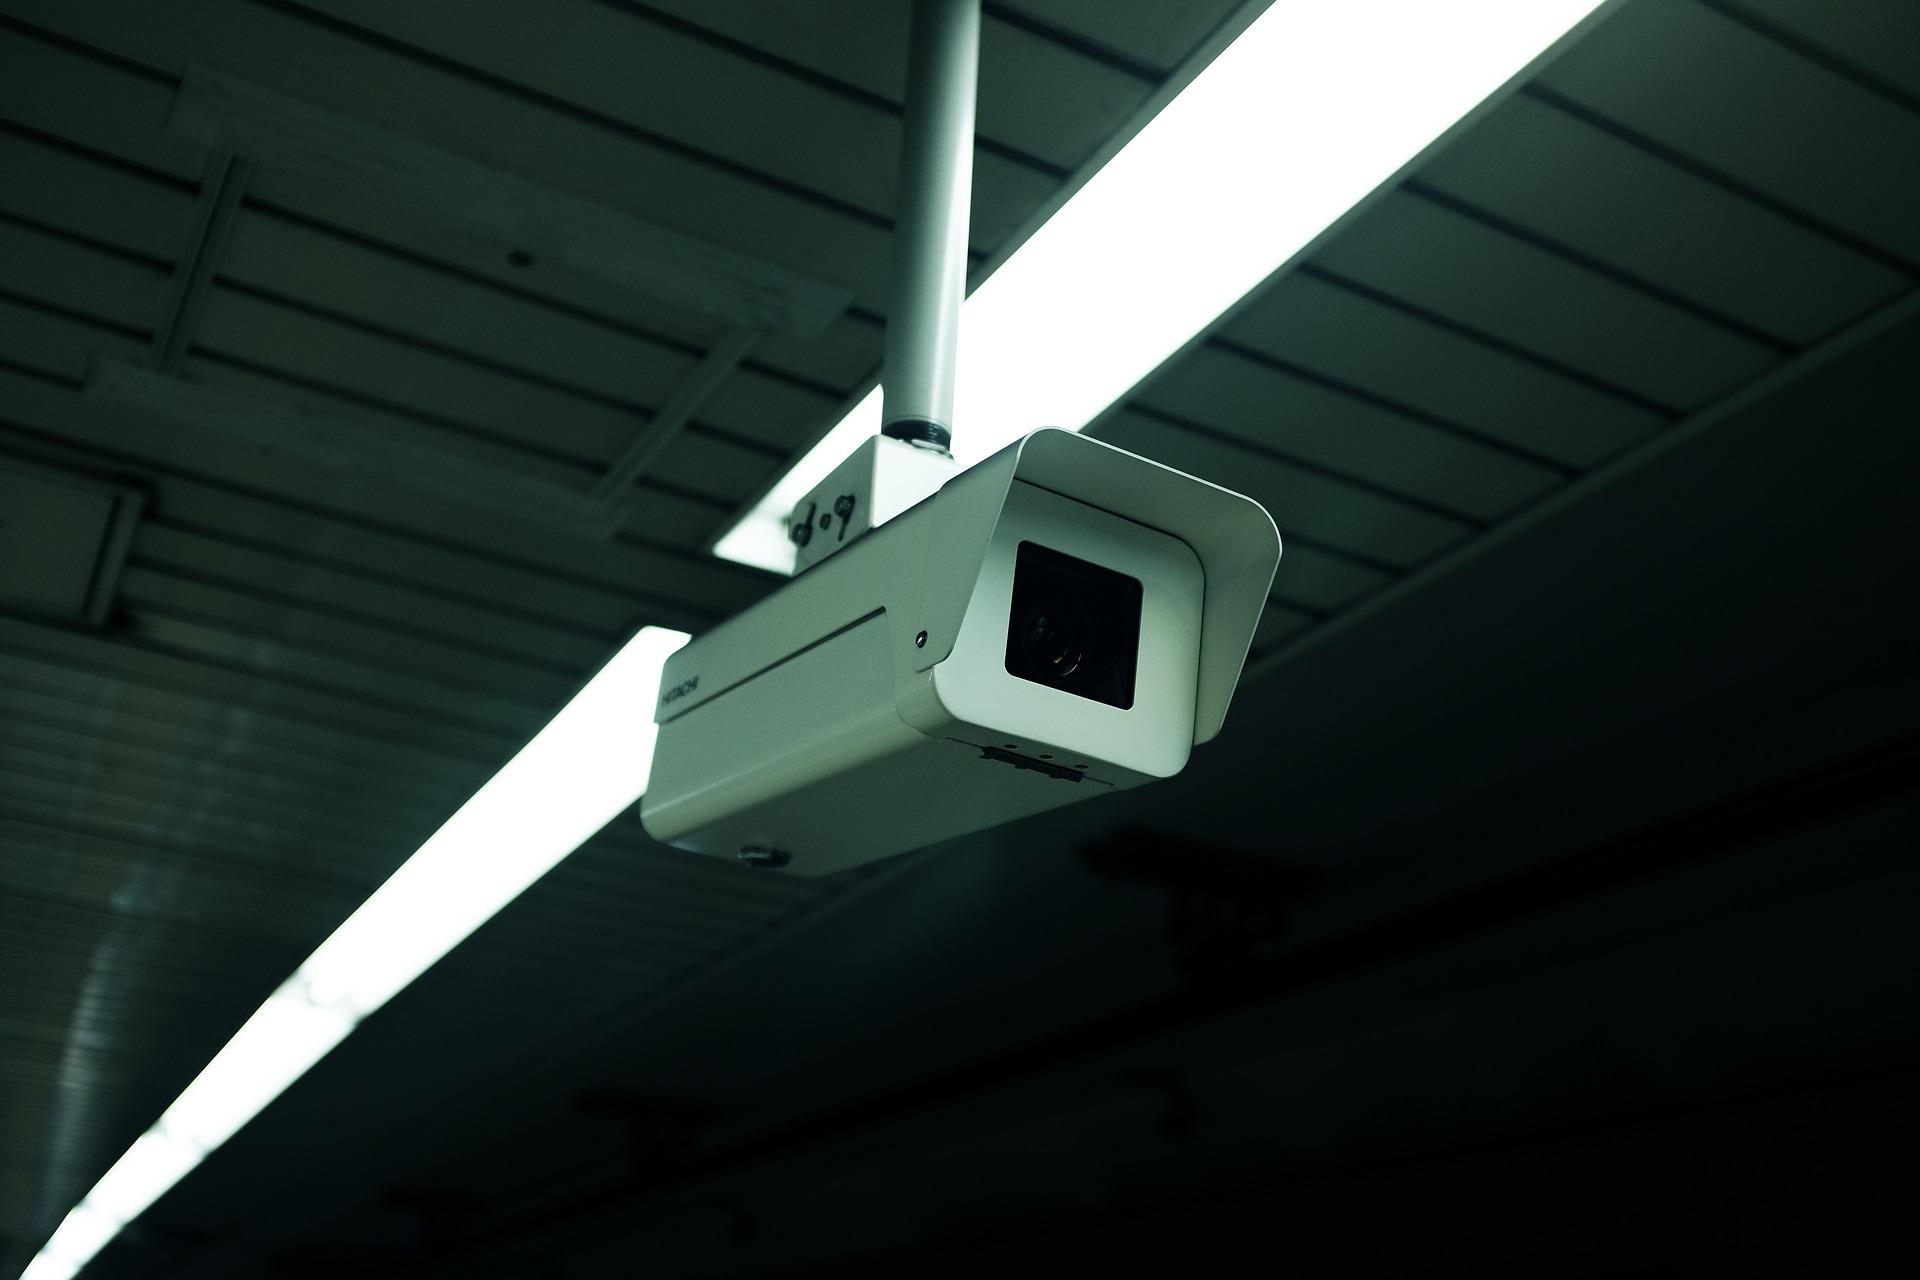 Inspetor empresa de tecnologia e segurança